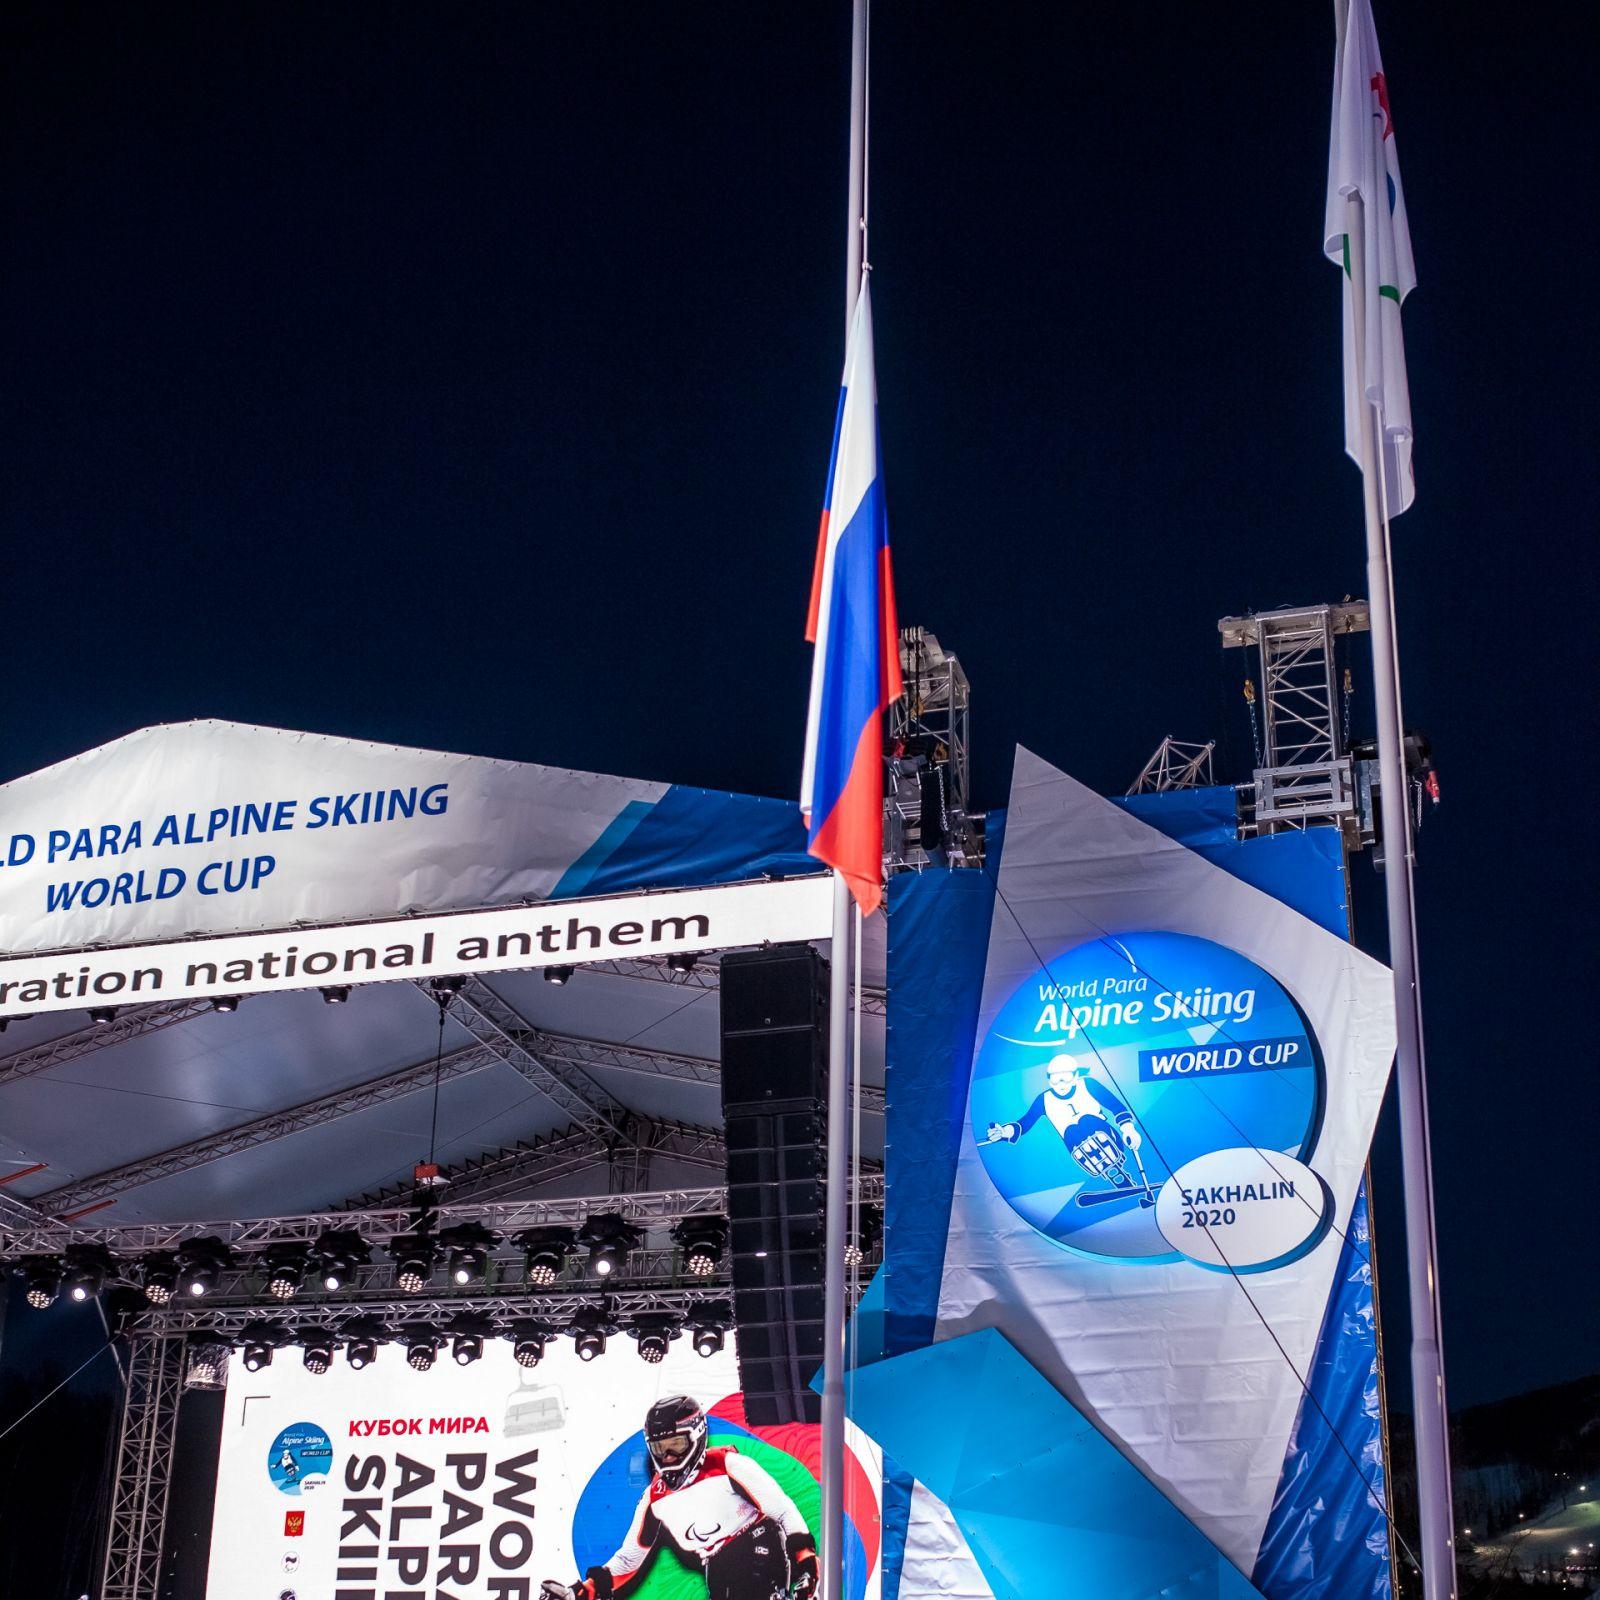 Итоги выступления сборной России на 4-м этапе Кубка мира по горнолыжному спорту МПК в Южно-Сахалинске